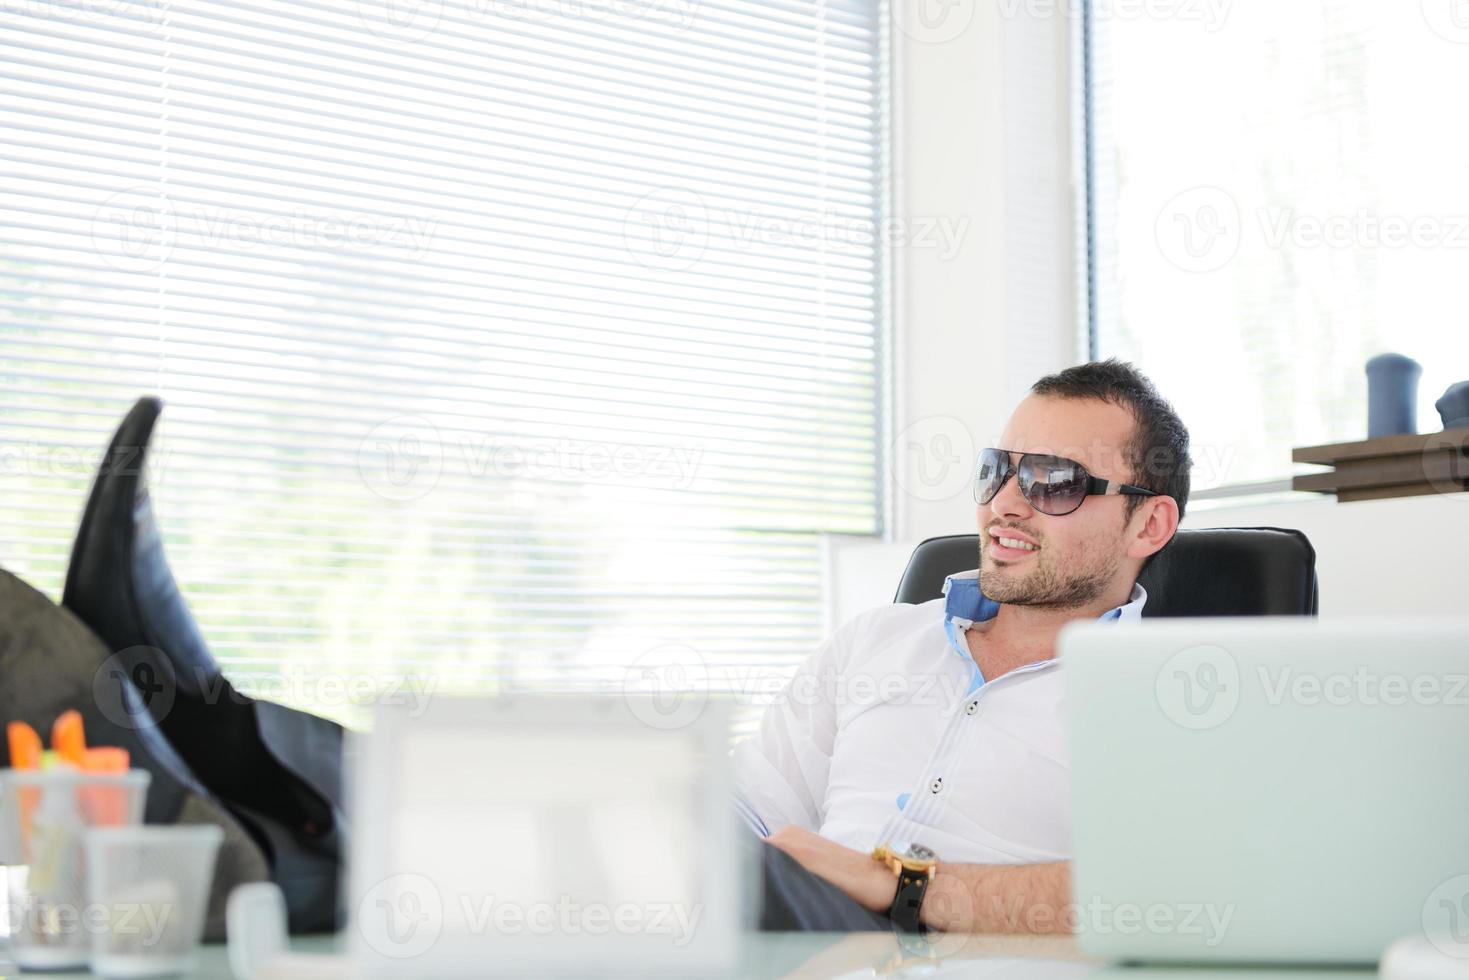 mensen uit het Midden-Oosten in een modern kantoor foto